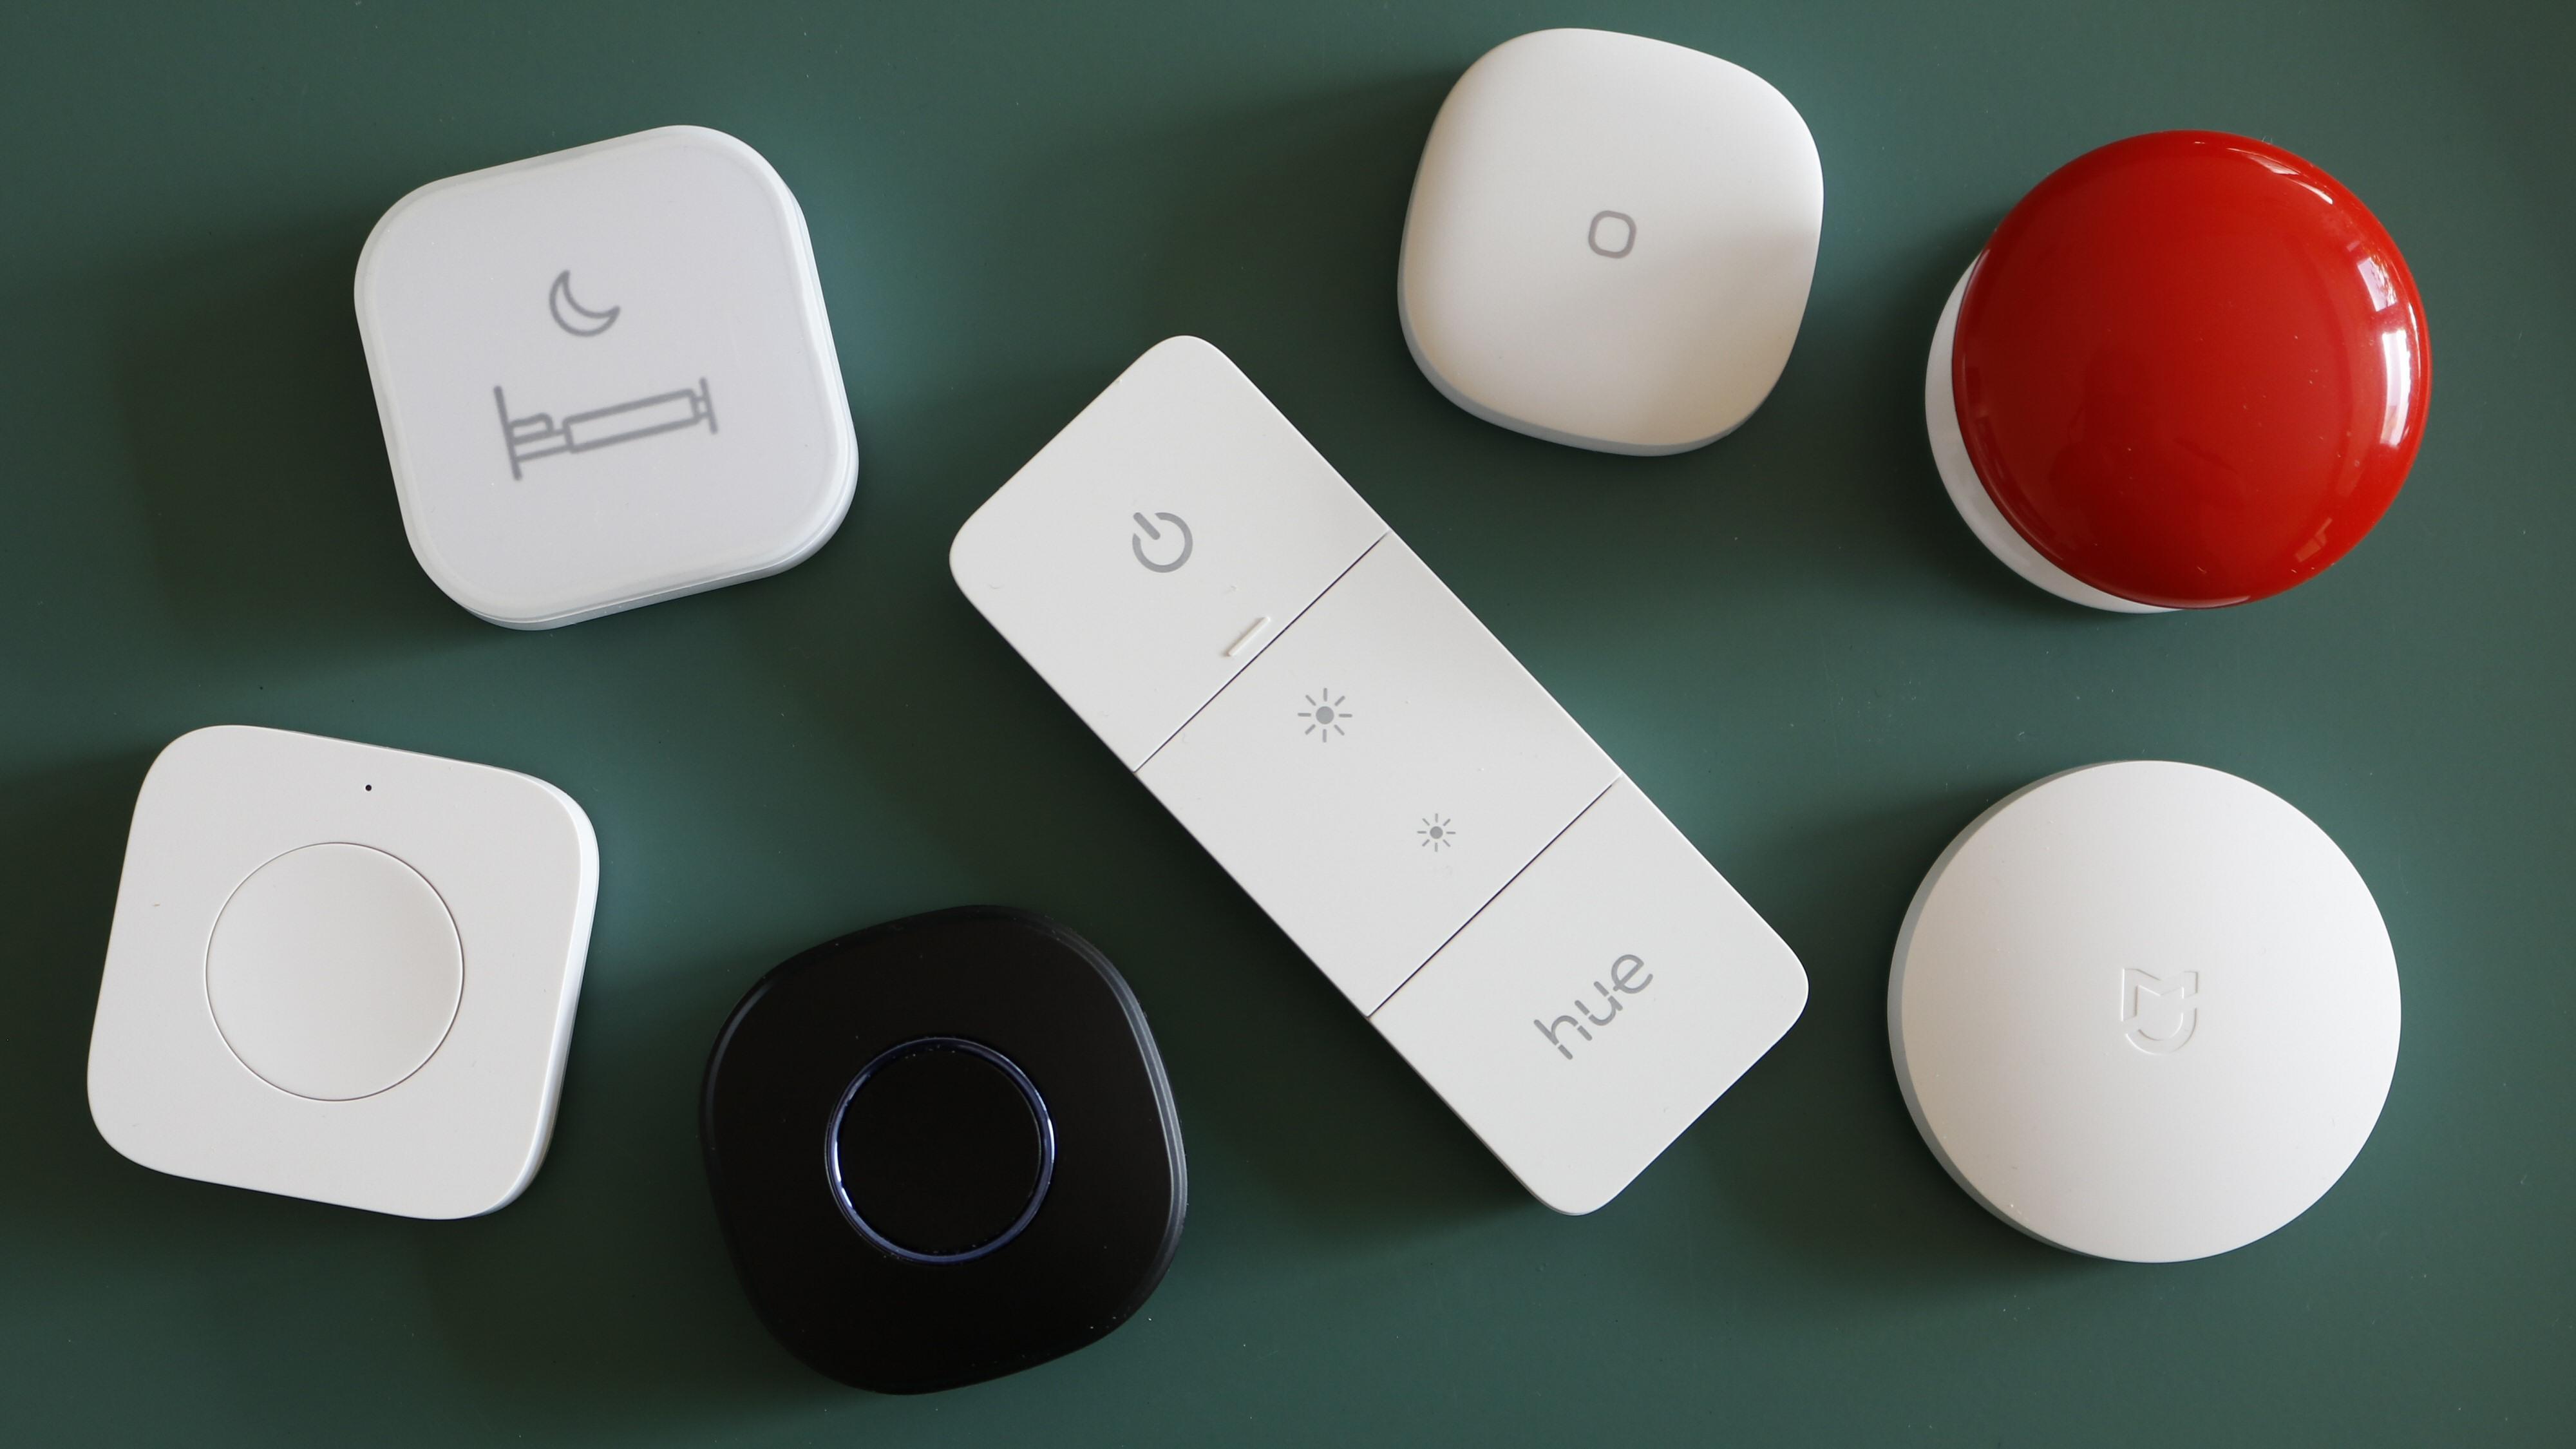 Vi har testet syv «smarte» knapper